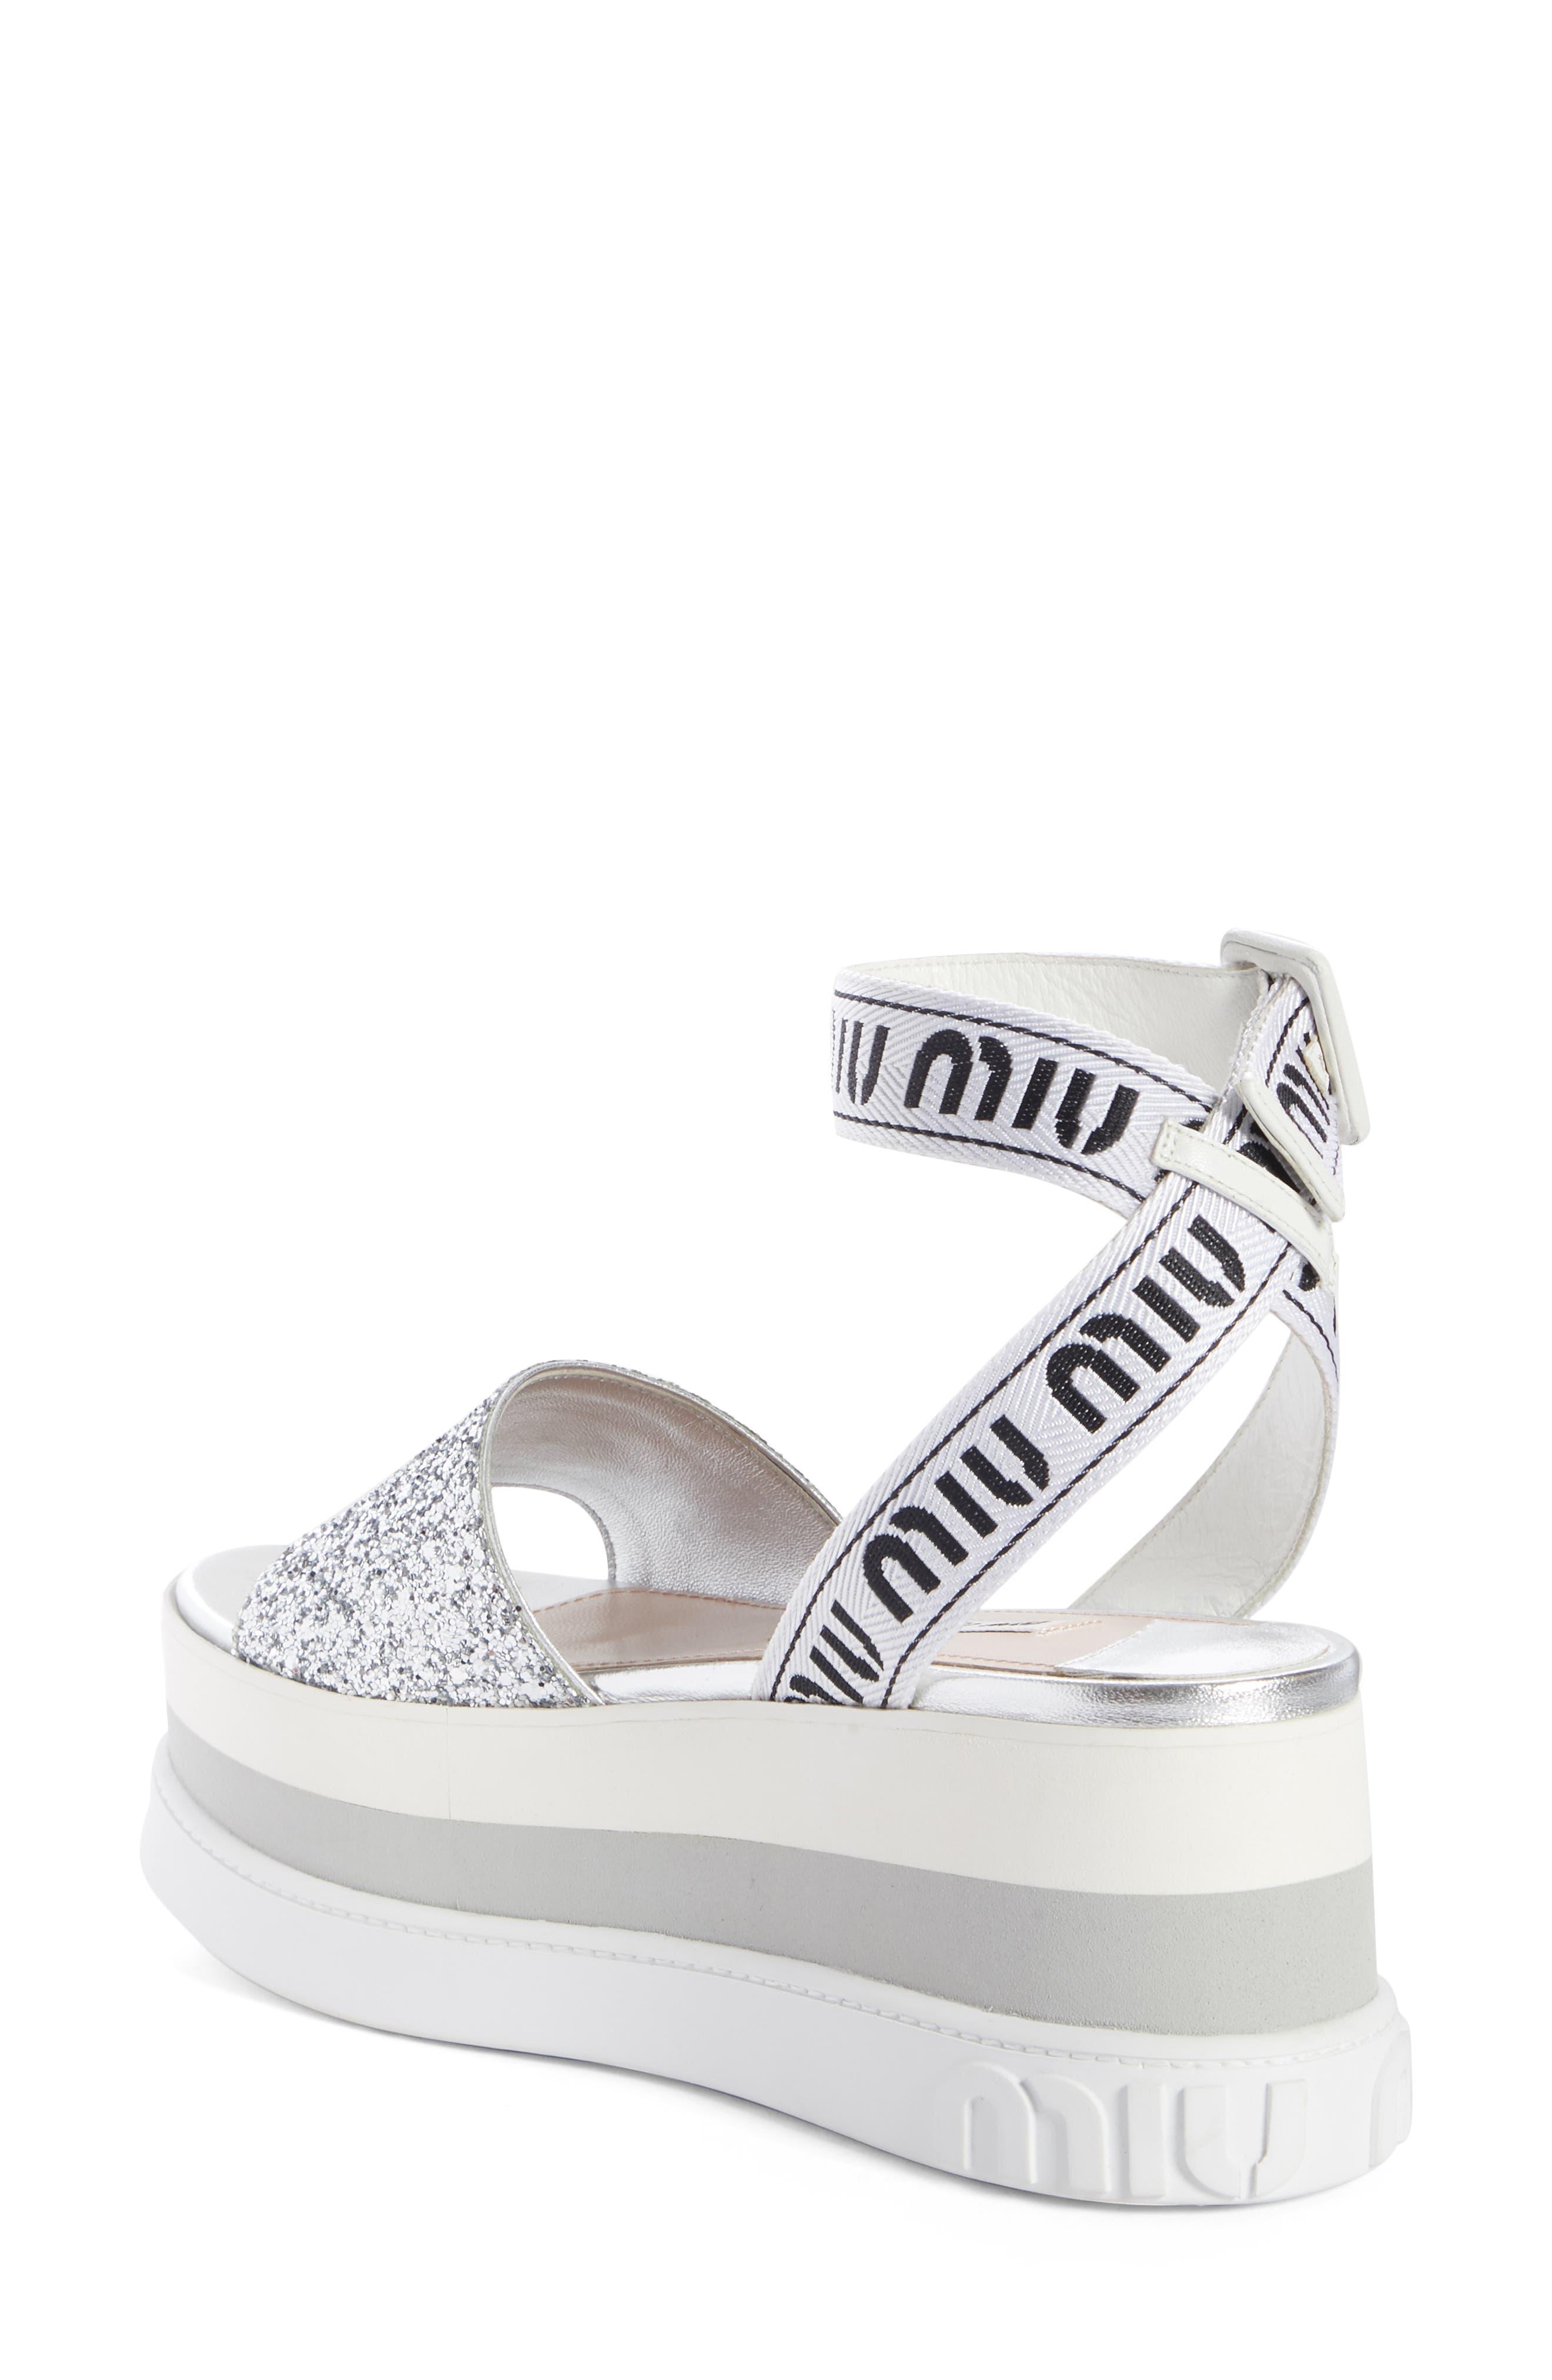 1f8f54c39b9 Miu Miu Shoes for Women